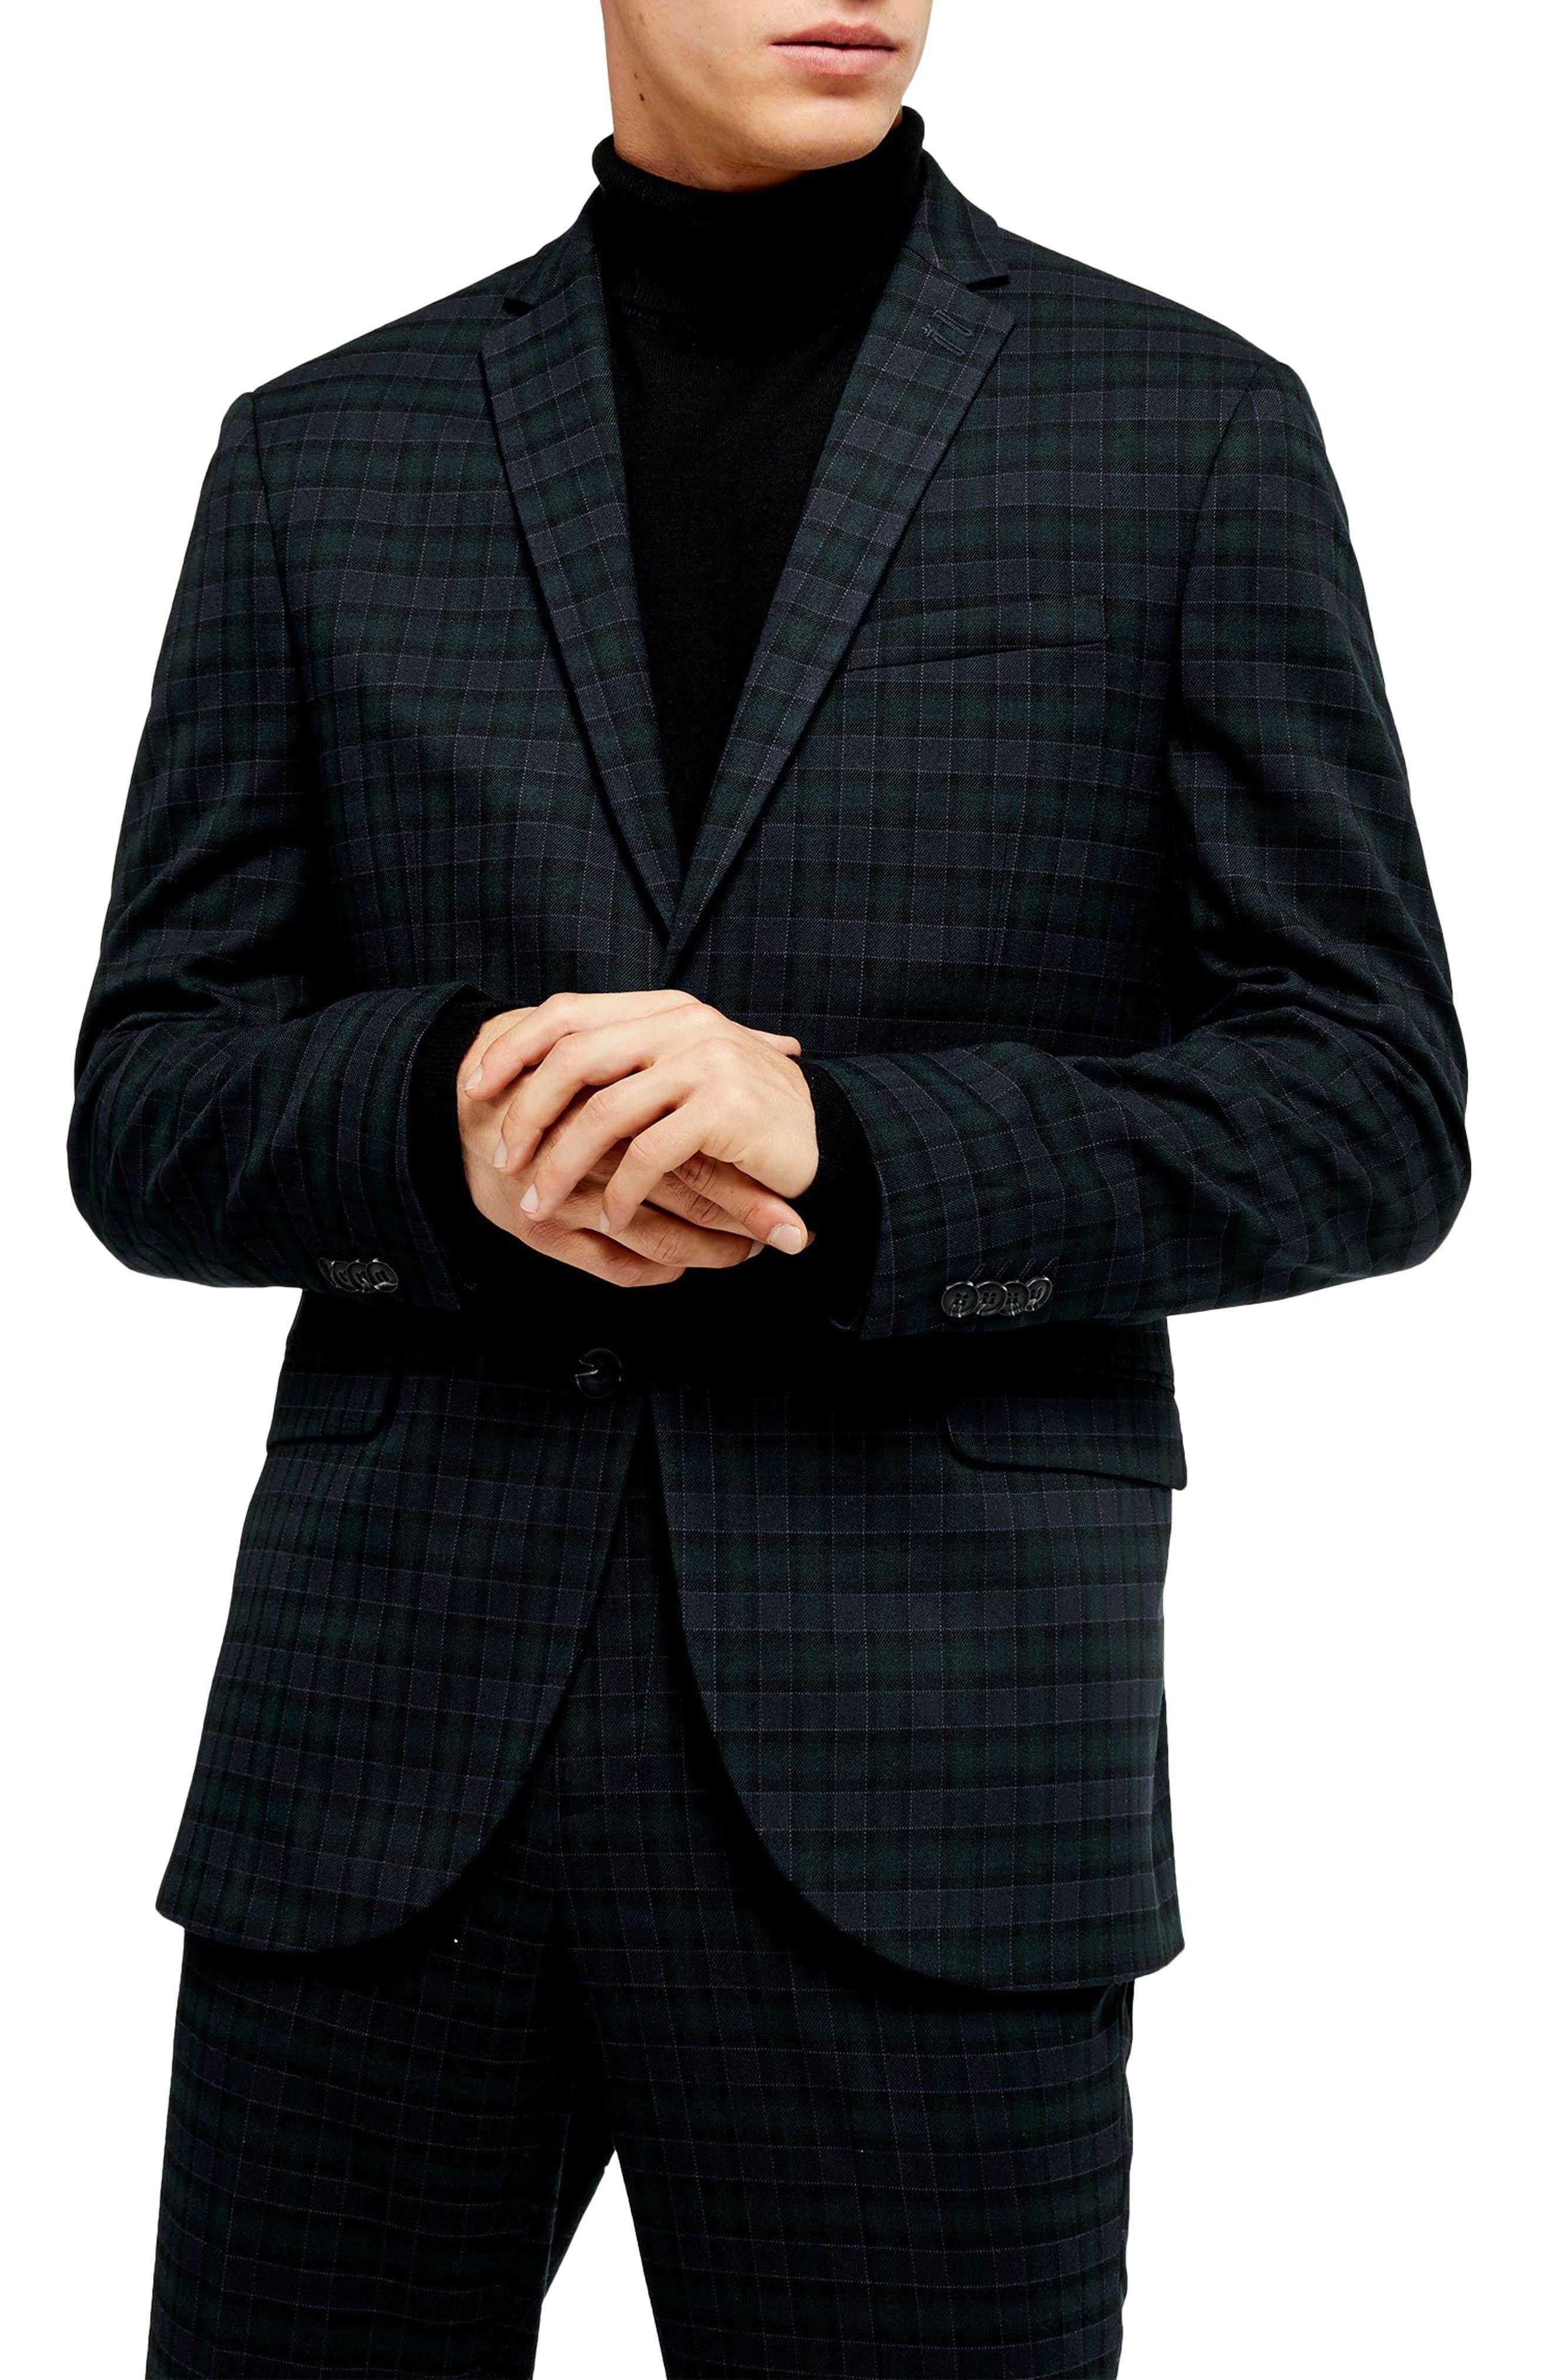 1960s Mens Suits | 70s Mens Disco Suits Mens Topman Bampton Check Skinny Fit Suit Jacket $97.50 AT vintagedancer.com